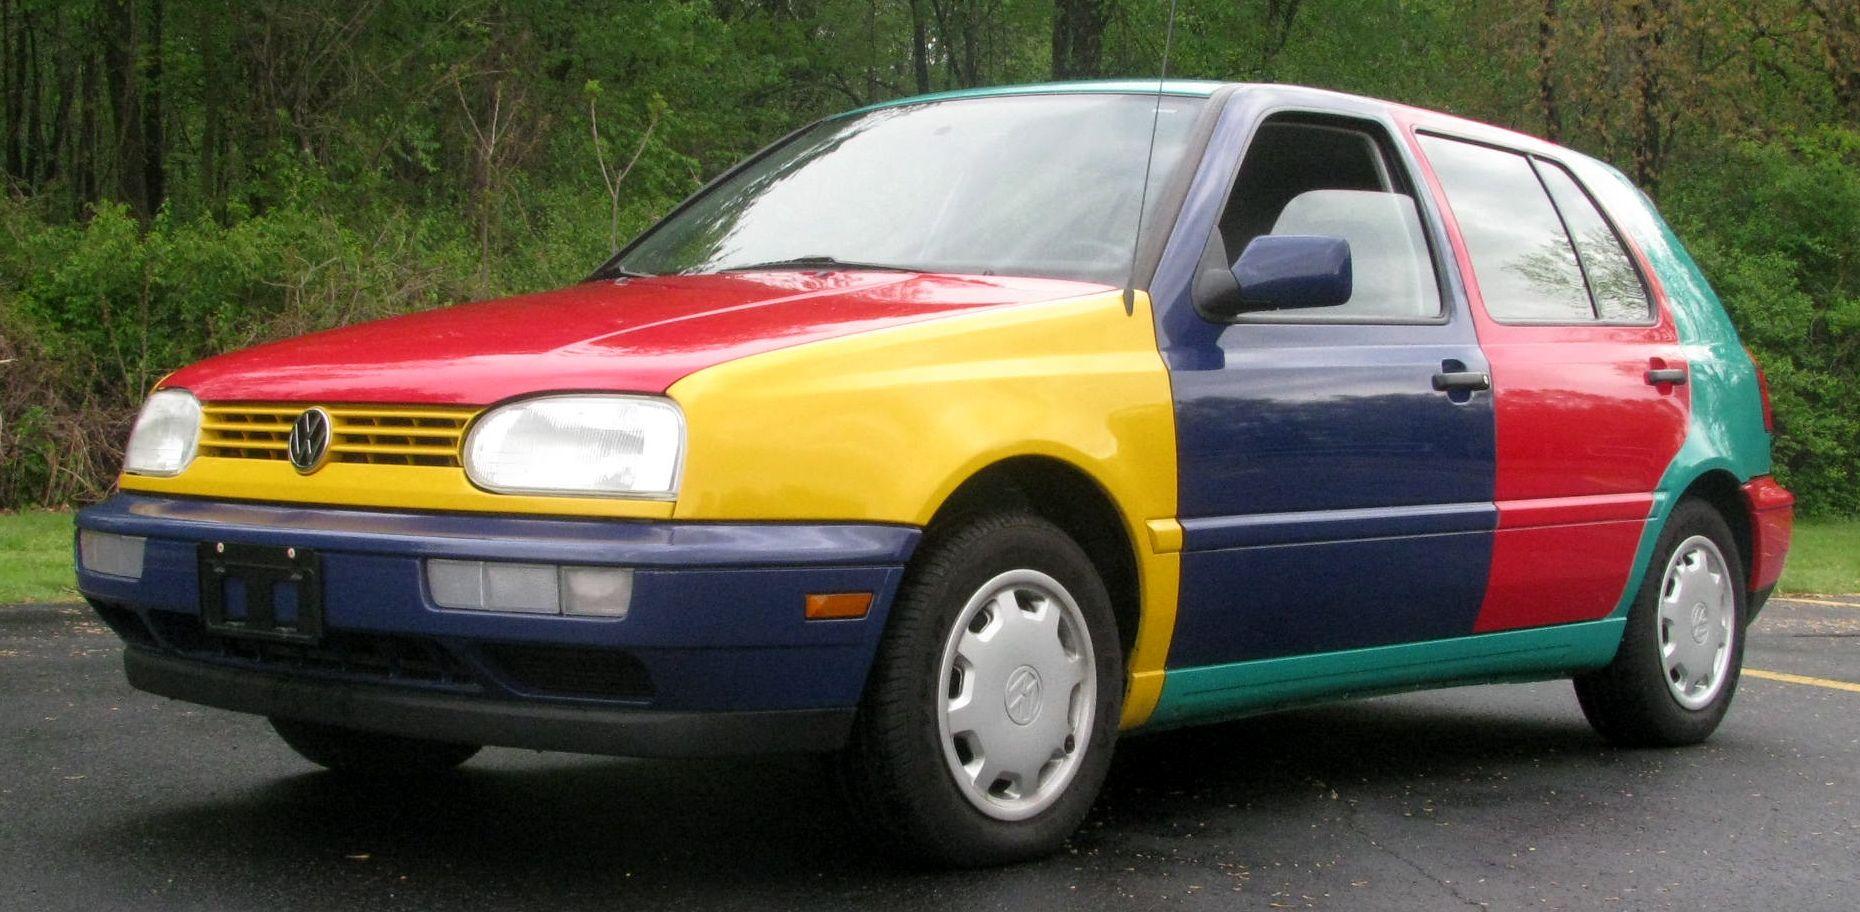 Very Rare 1996 Vw Golf Harlequin Volkswagen Vw Golf Volkswagen